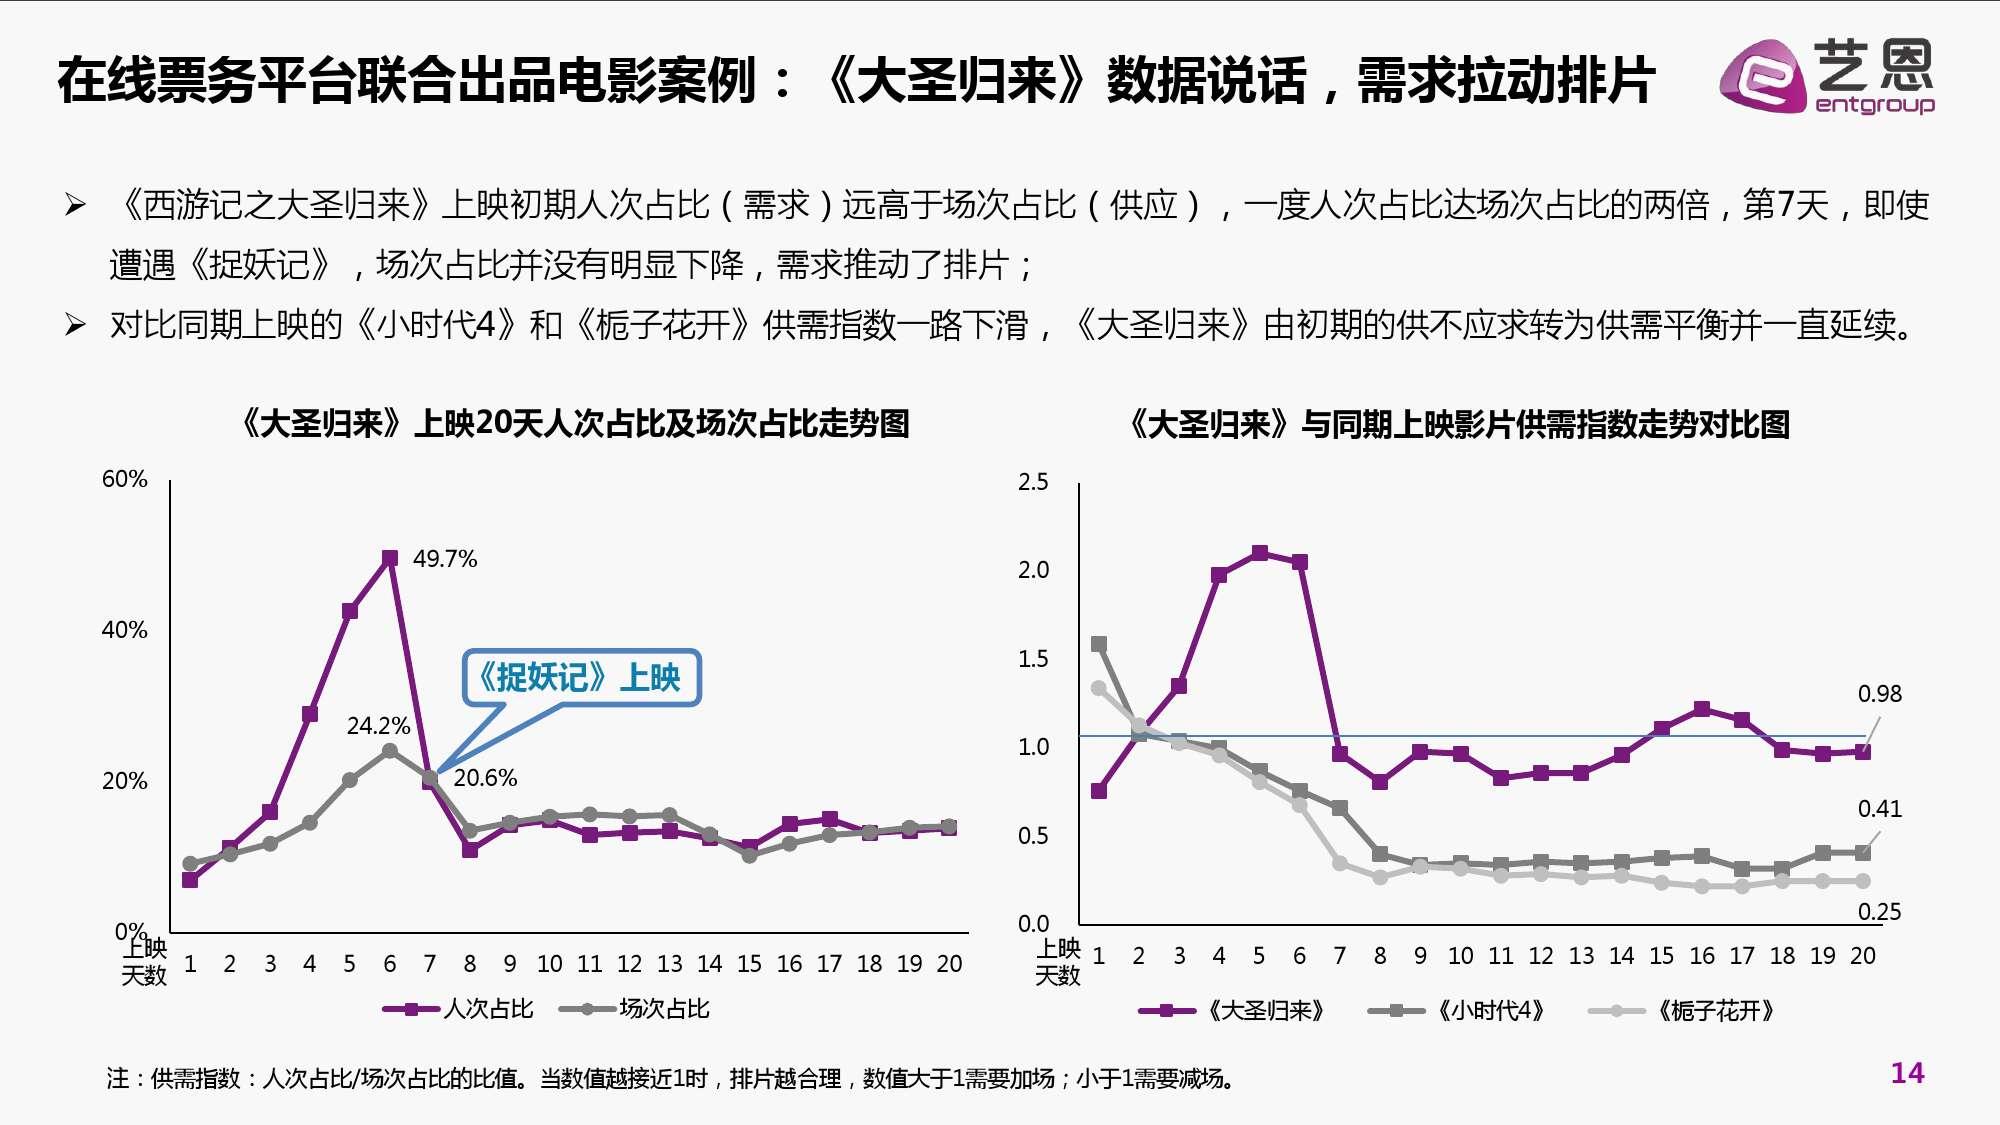 2016年中国电影在线票务市场研究报告_000014